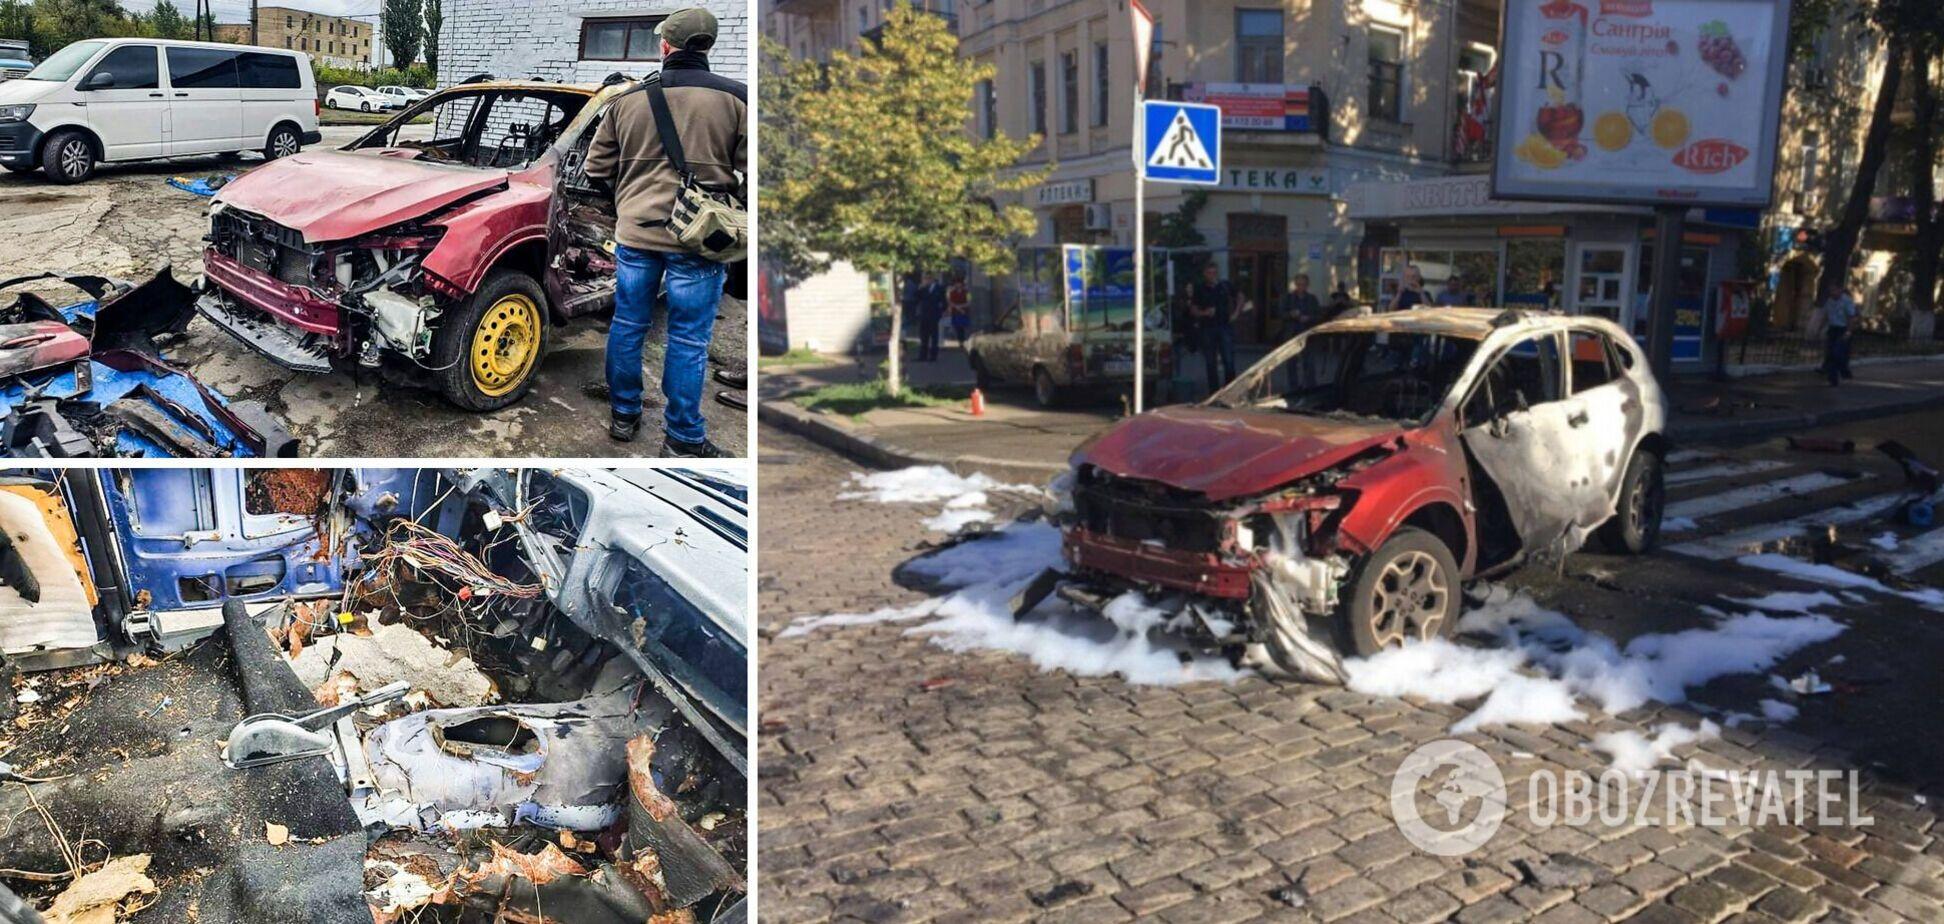 В Киеве прошло выездное заседание по 'делу Шеремета': показали взорванное авто, но возник ряд вопросов. Фото